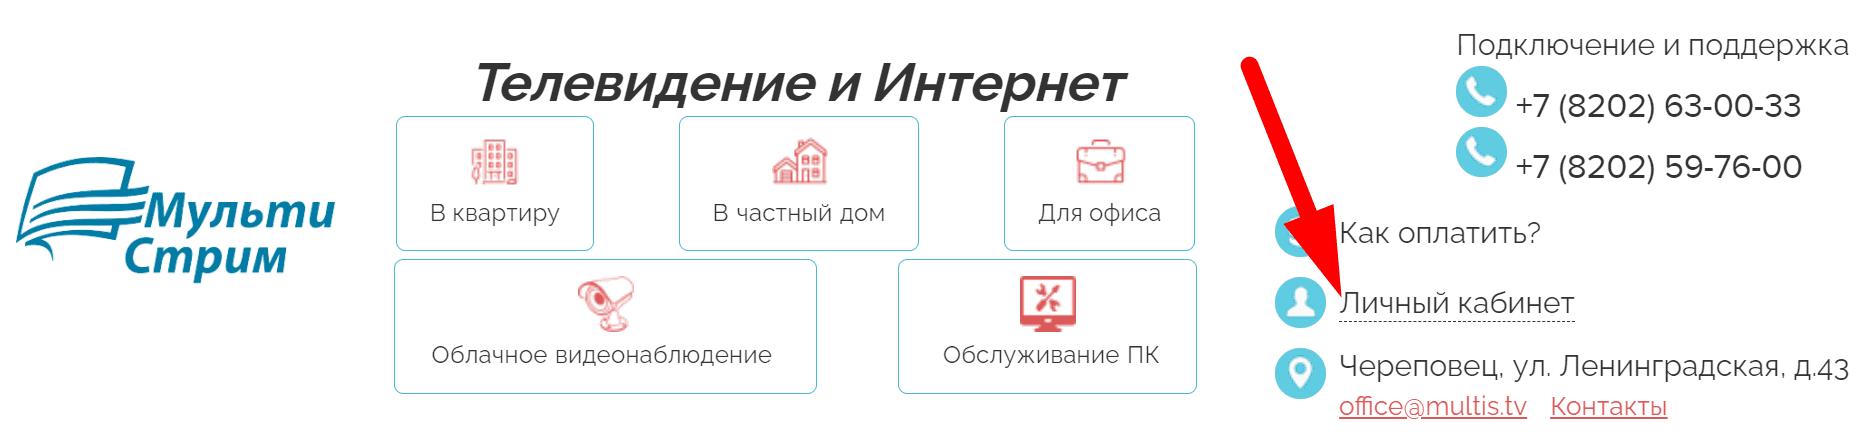 Ссылка на сайт интернет провайдера «Мультистрим»